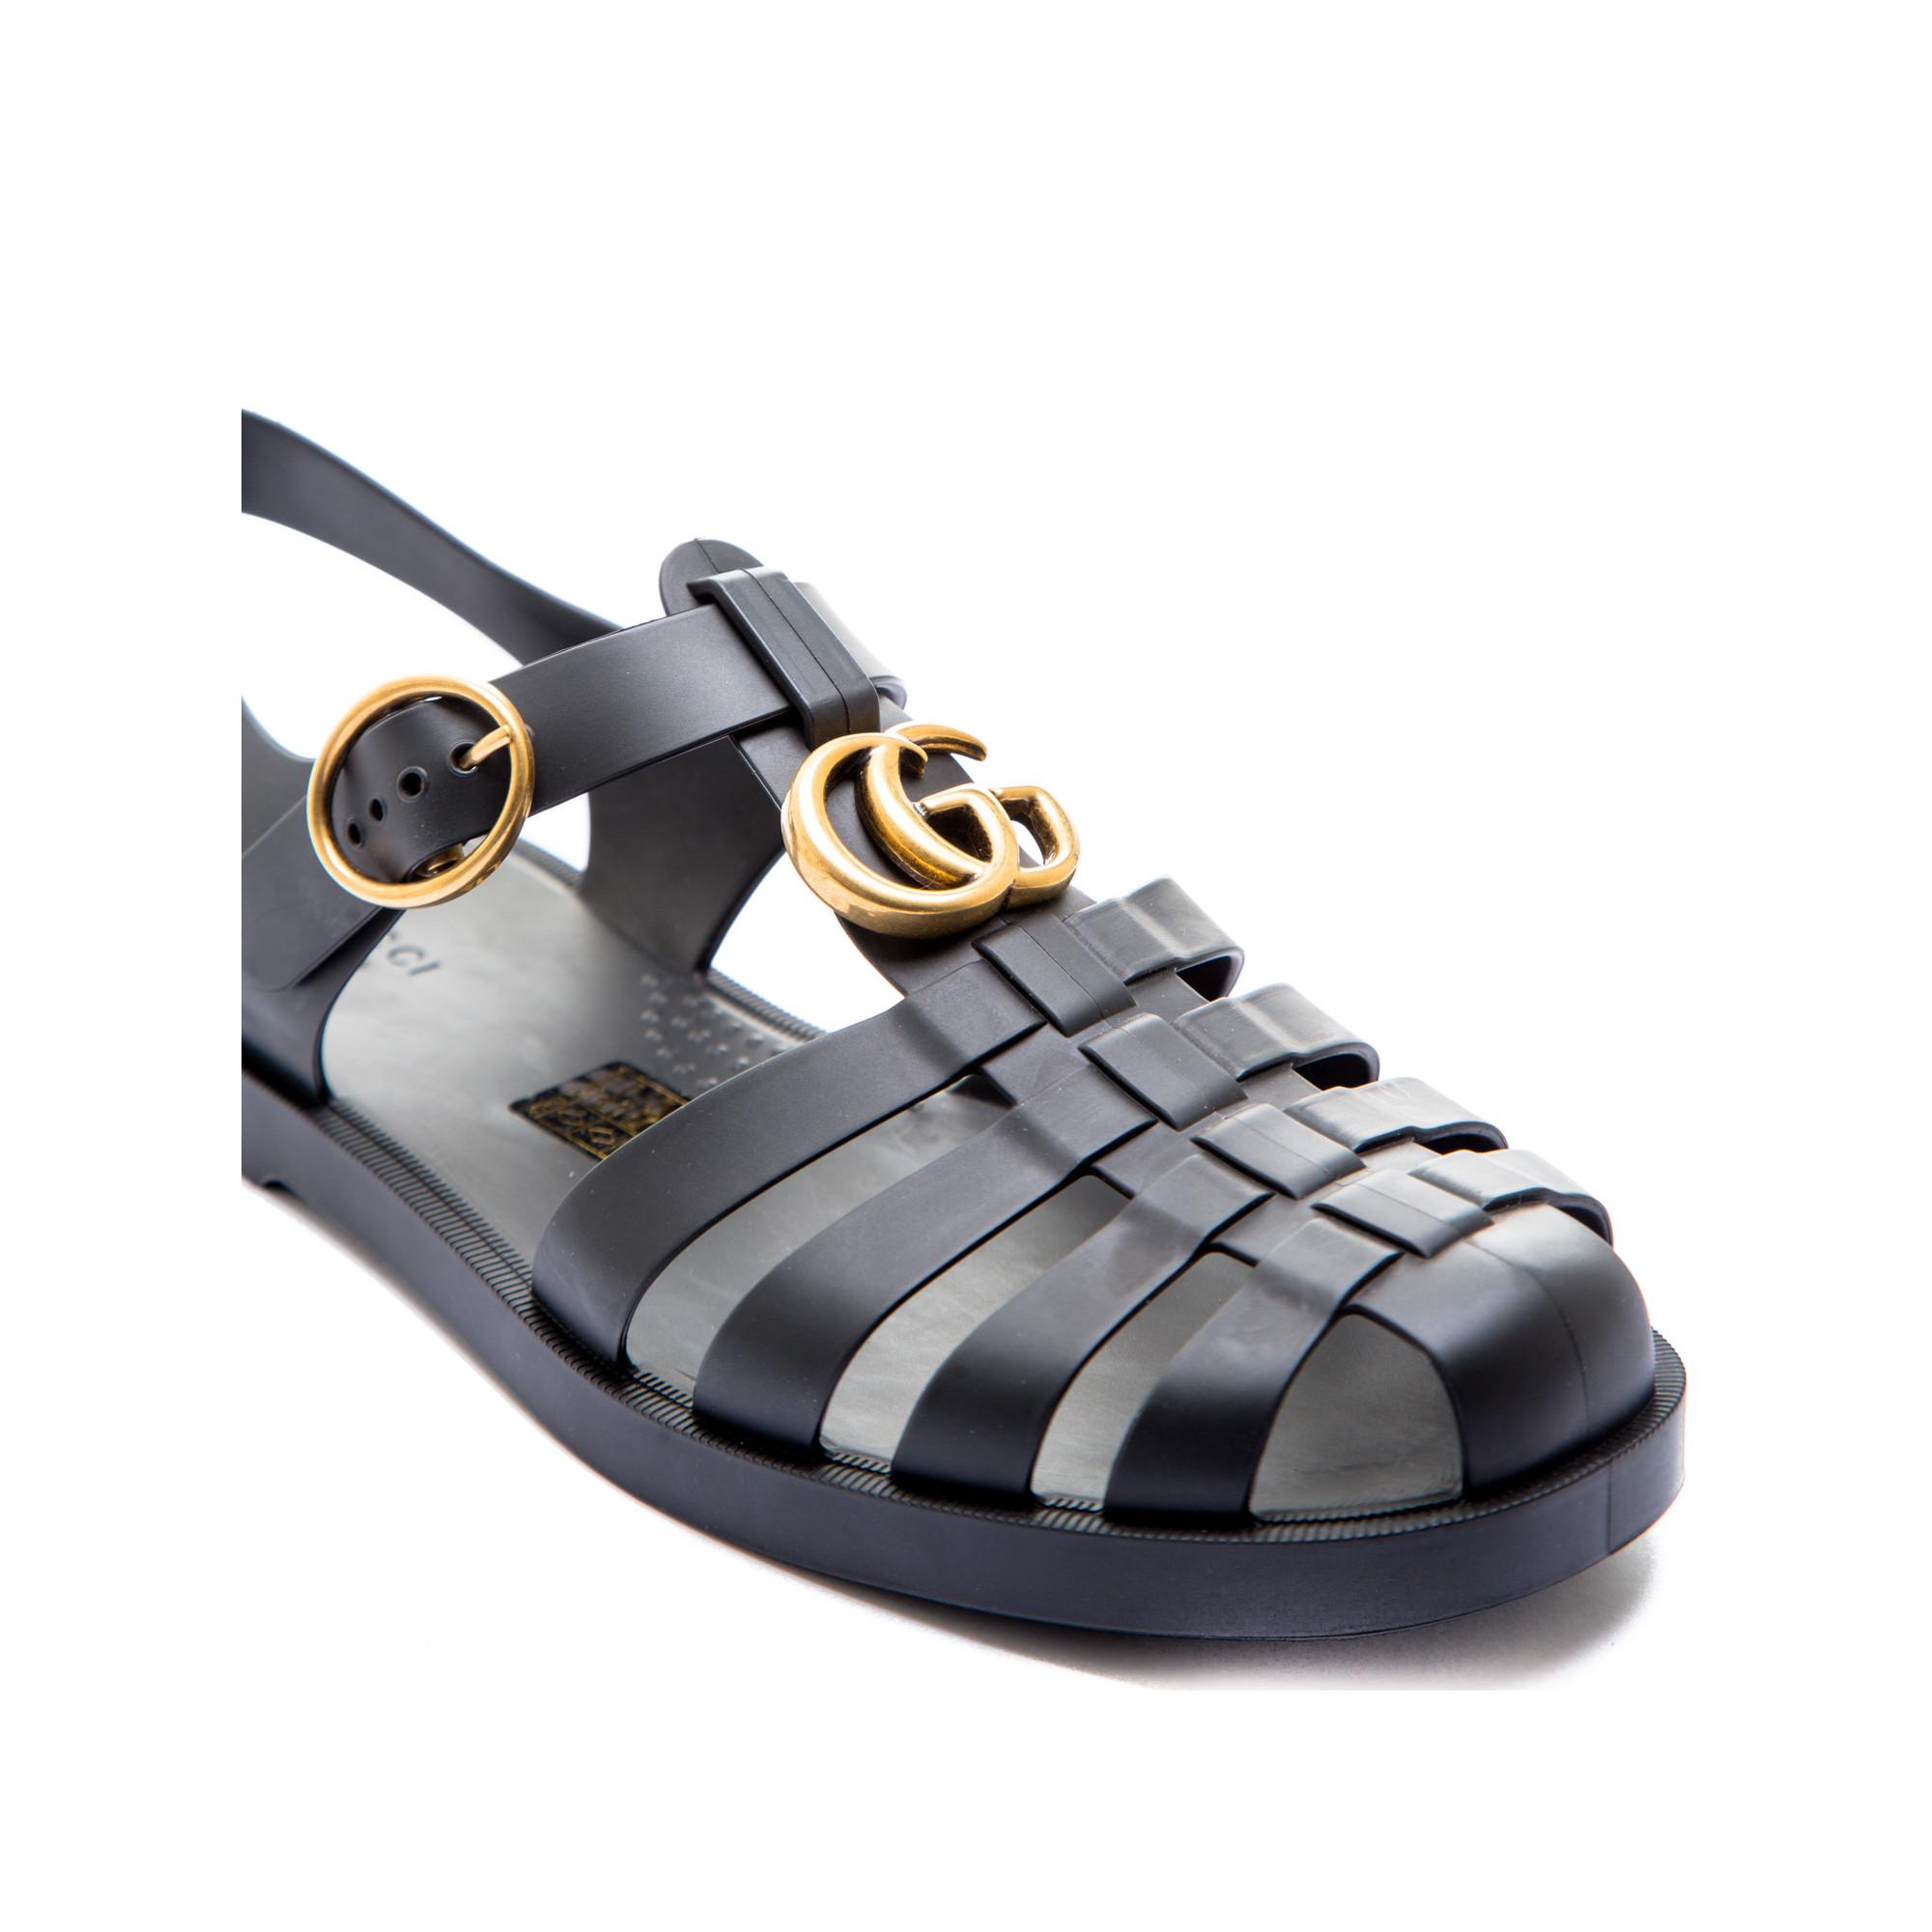 Chaussures Gucci Avec Des Boucles Pour Les Hommes b0XKpoXZ